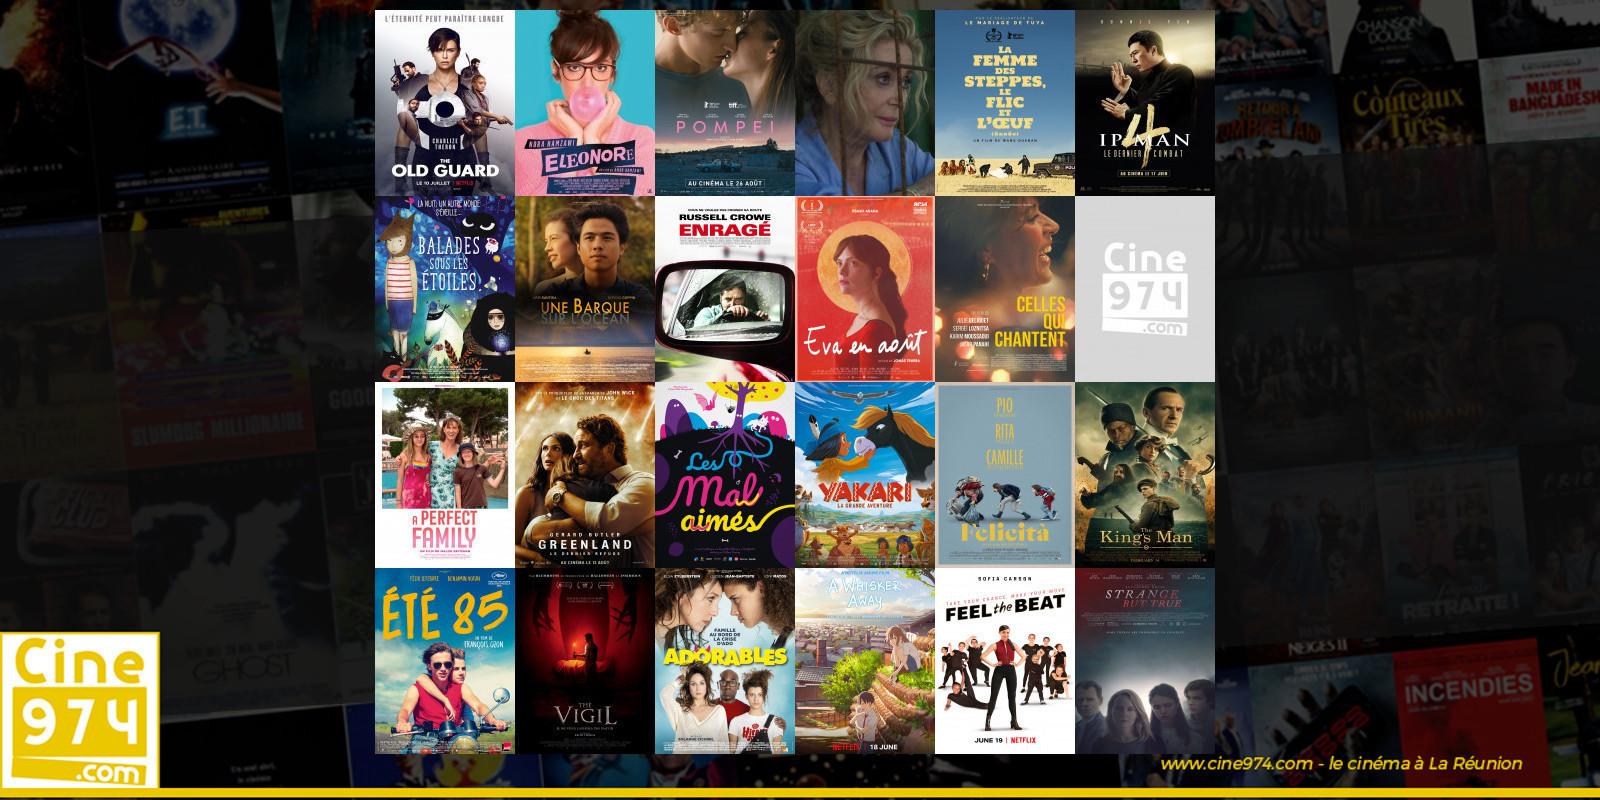 cine974 2020-07-08-bandesannonces